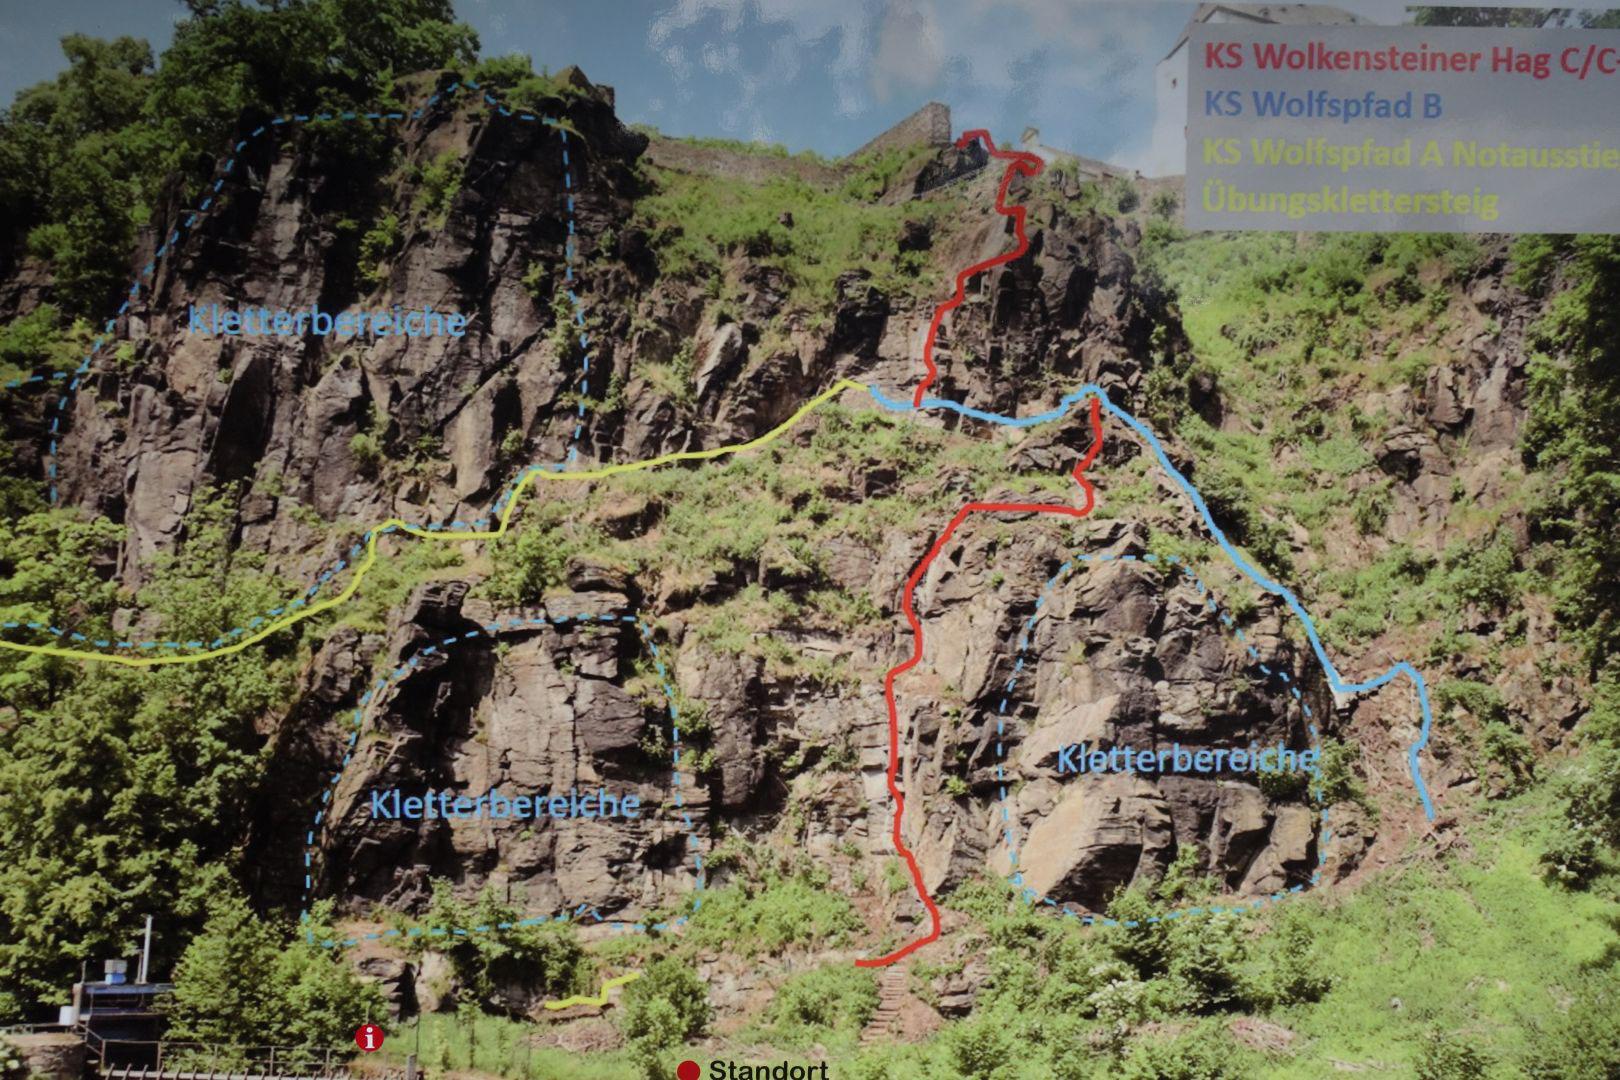 Klettersteig Walchensee : Klettersteig wolkensteiner hag und wolfspfad in wolkenstein